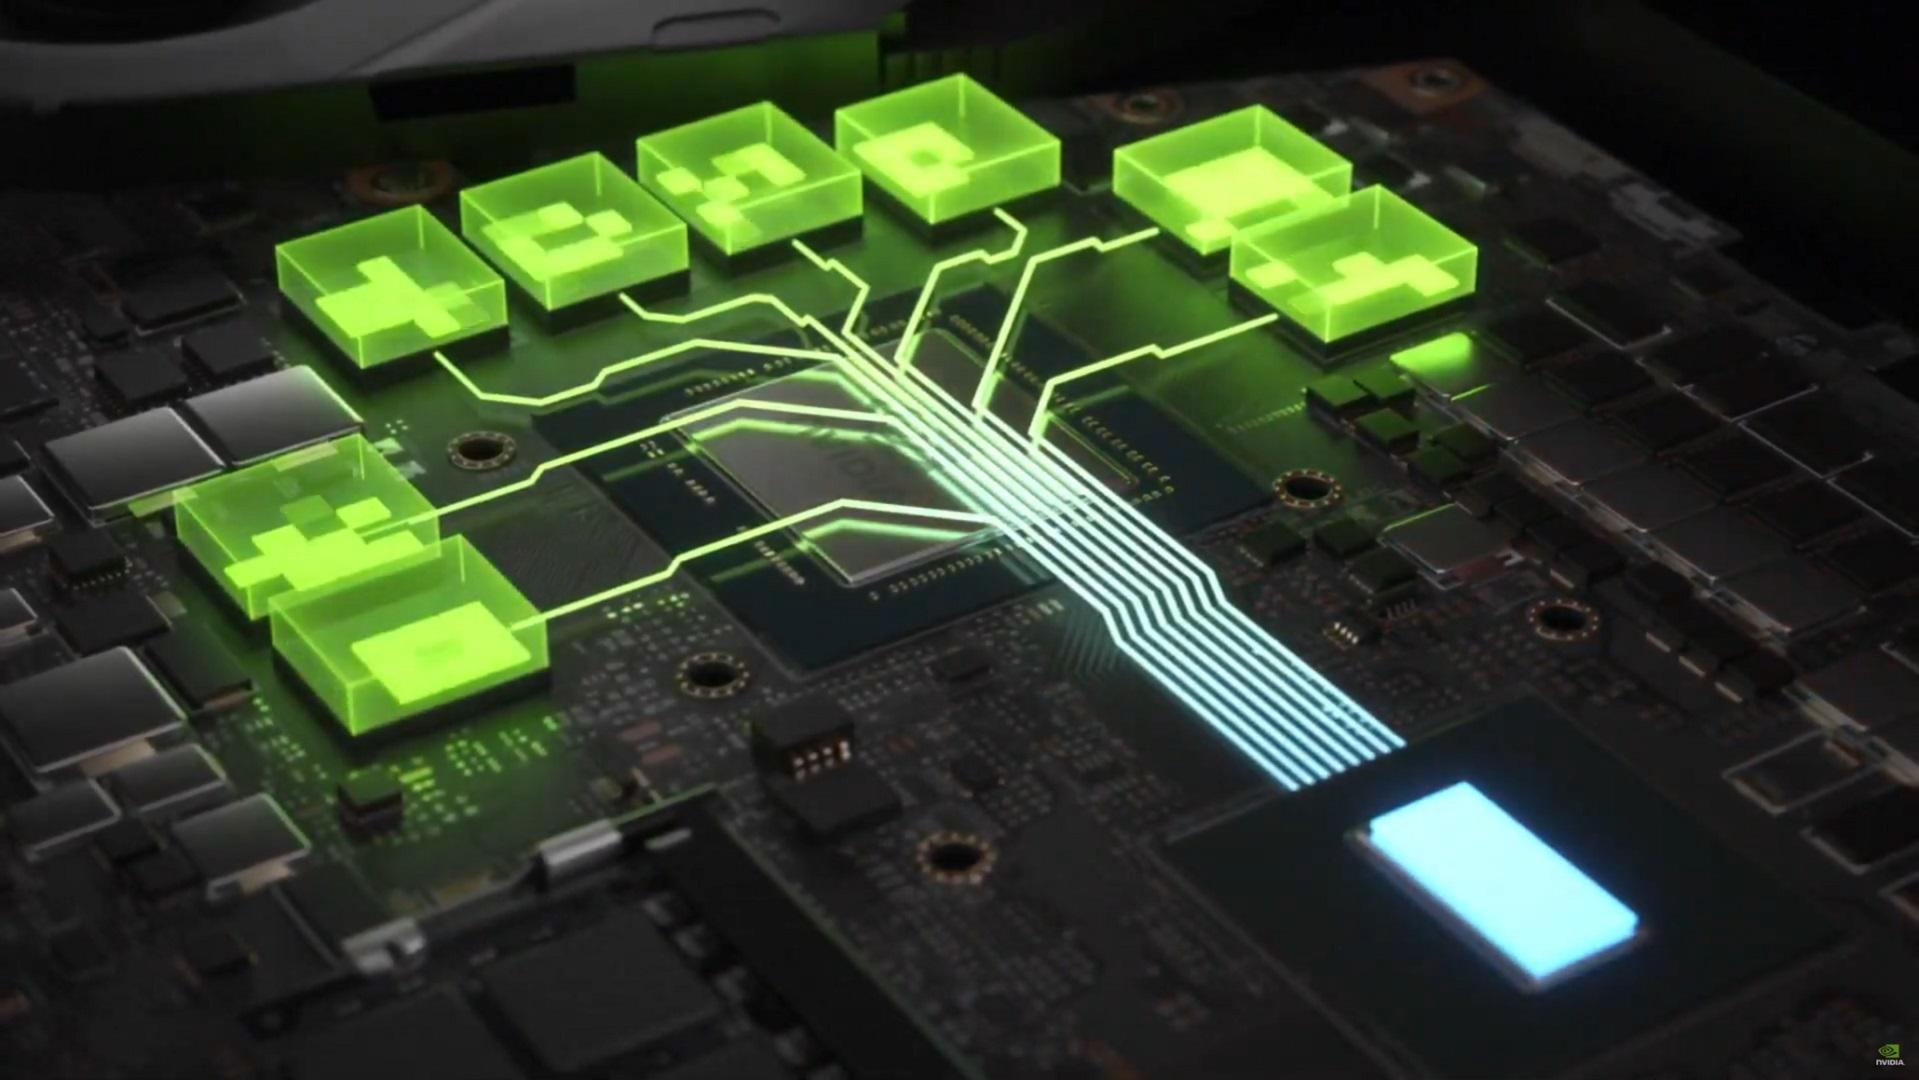 شركة EVGA تقوم بتفعيل تقنية Resizable BAR مع شرائح X299 , Z590 و Z490